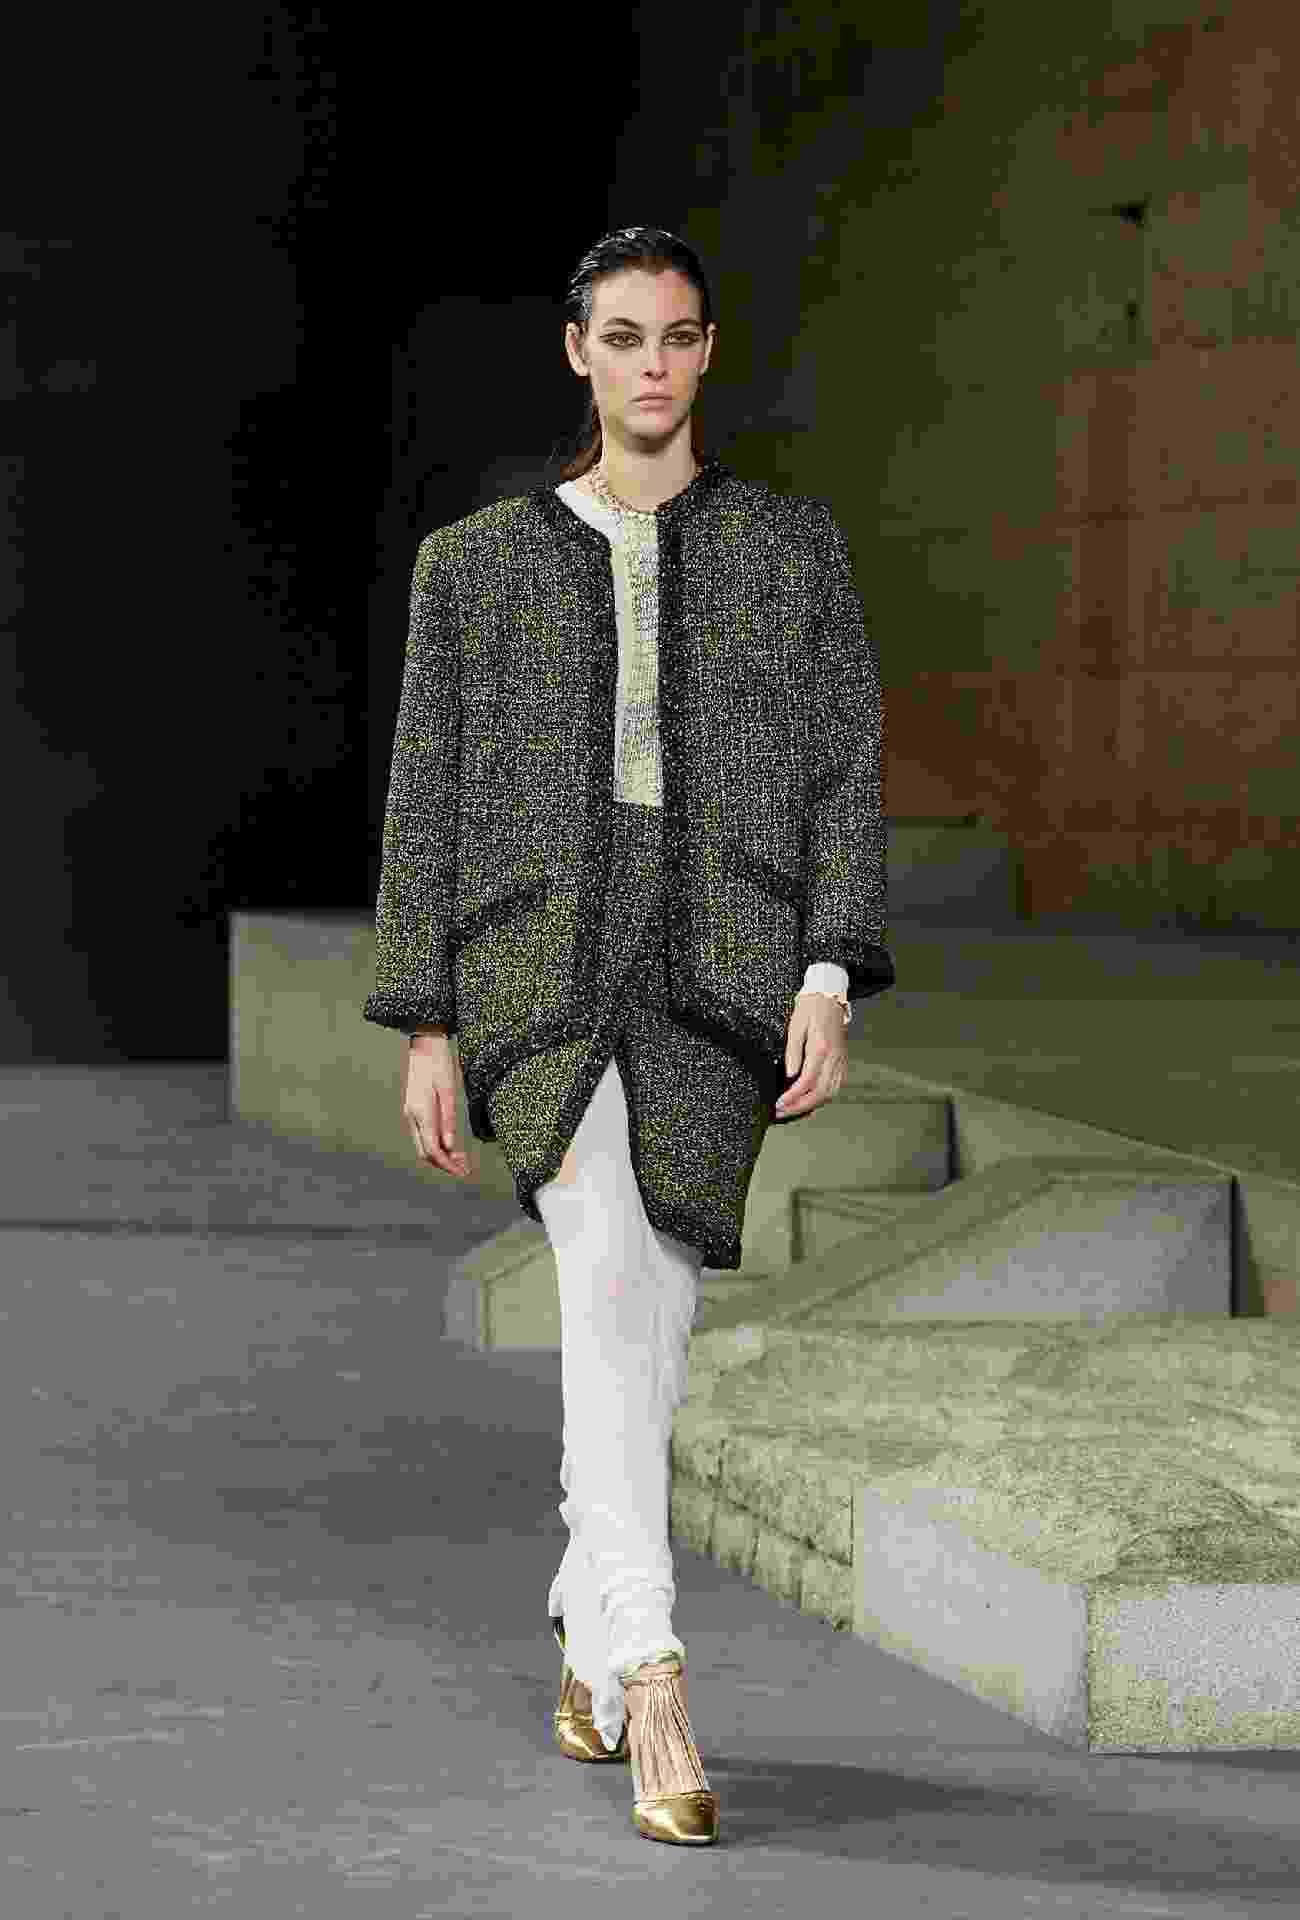 Coleção da Chanel Métiers d'art 2018/2019 - Divulgação